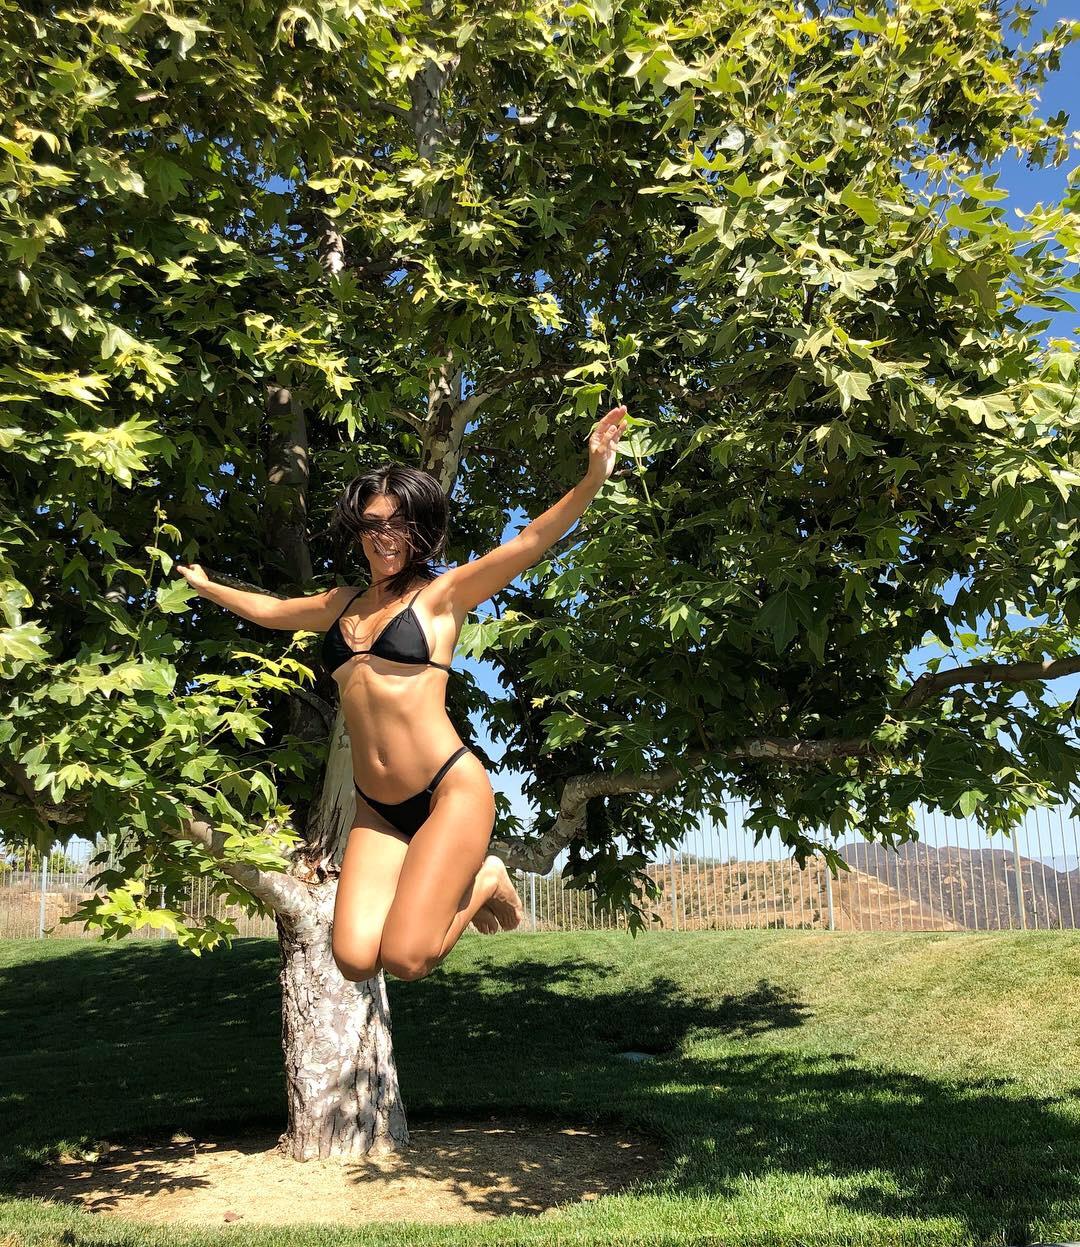 Kourtney bikini trampoline 7